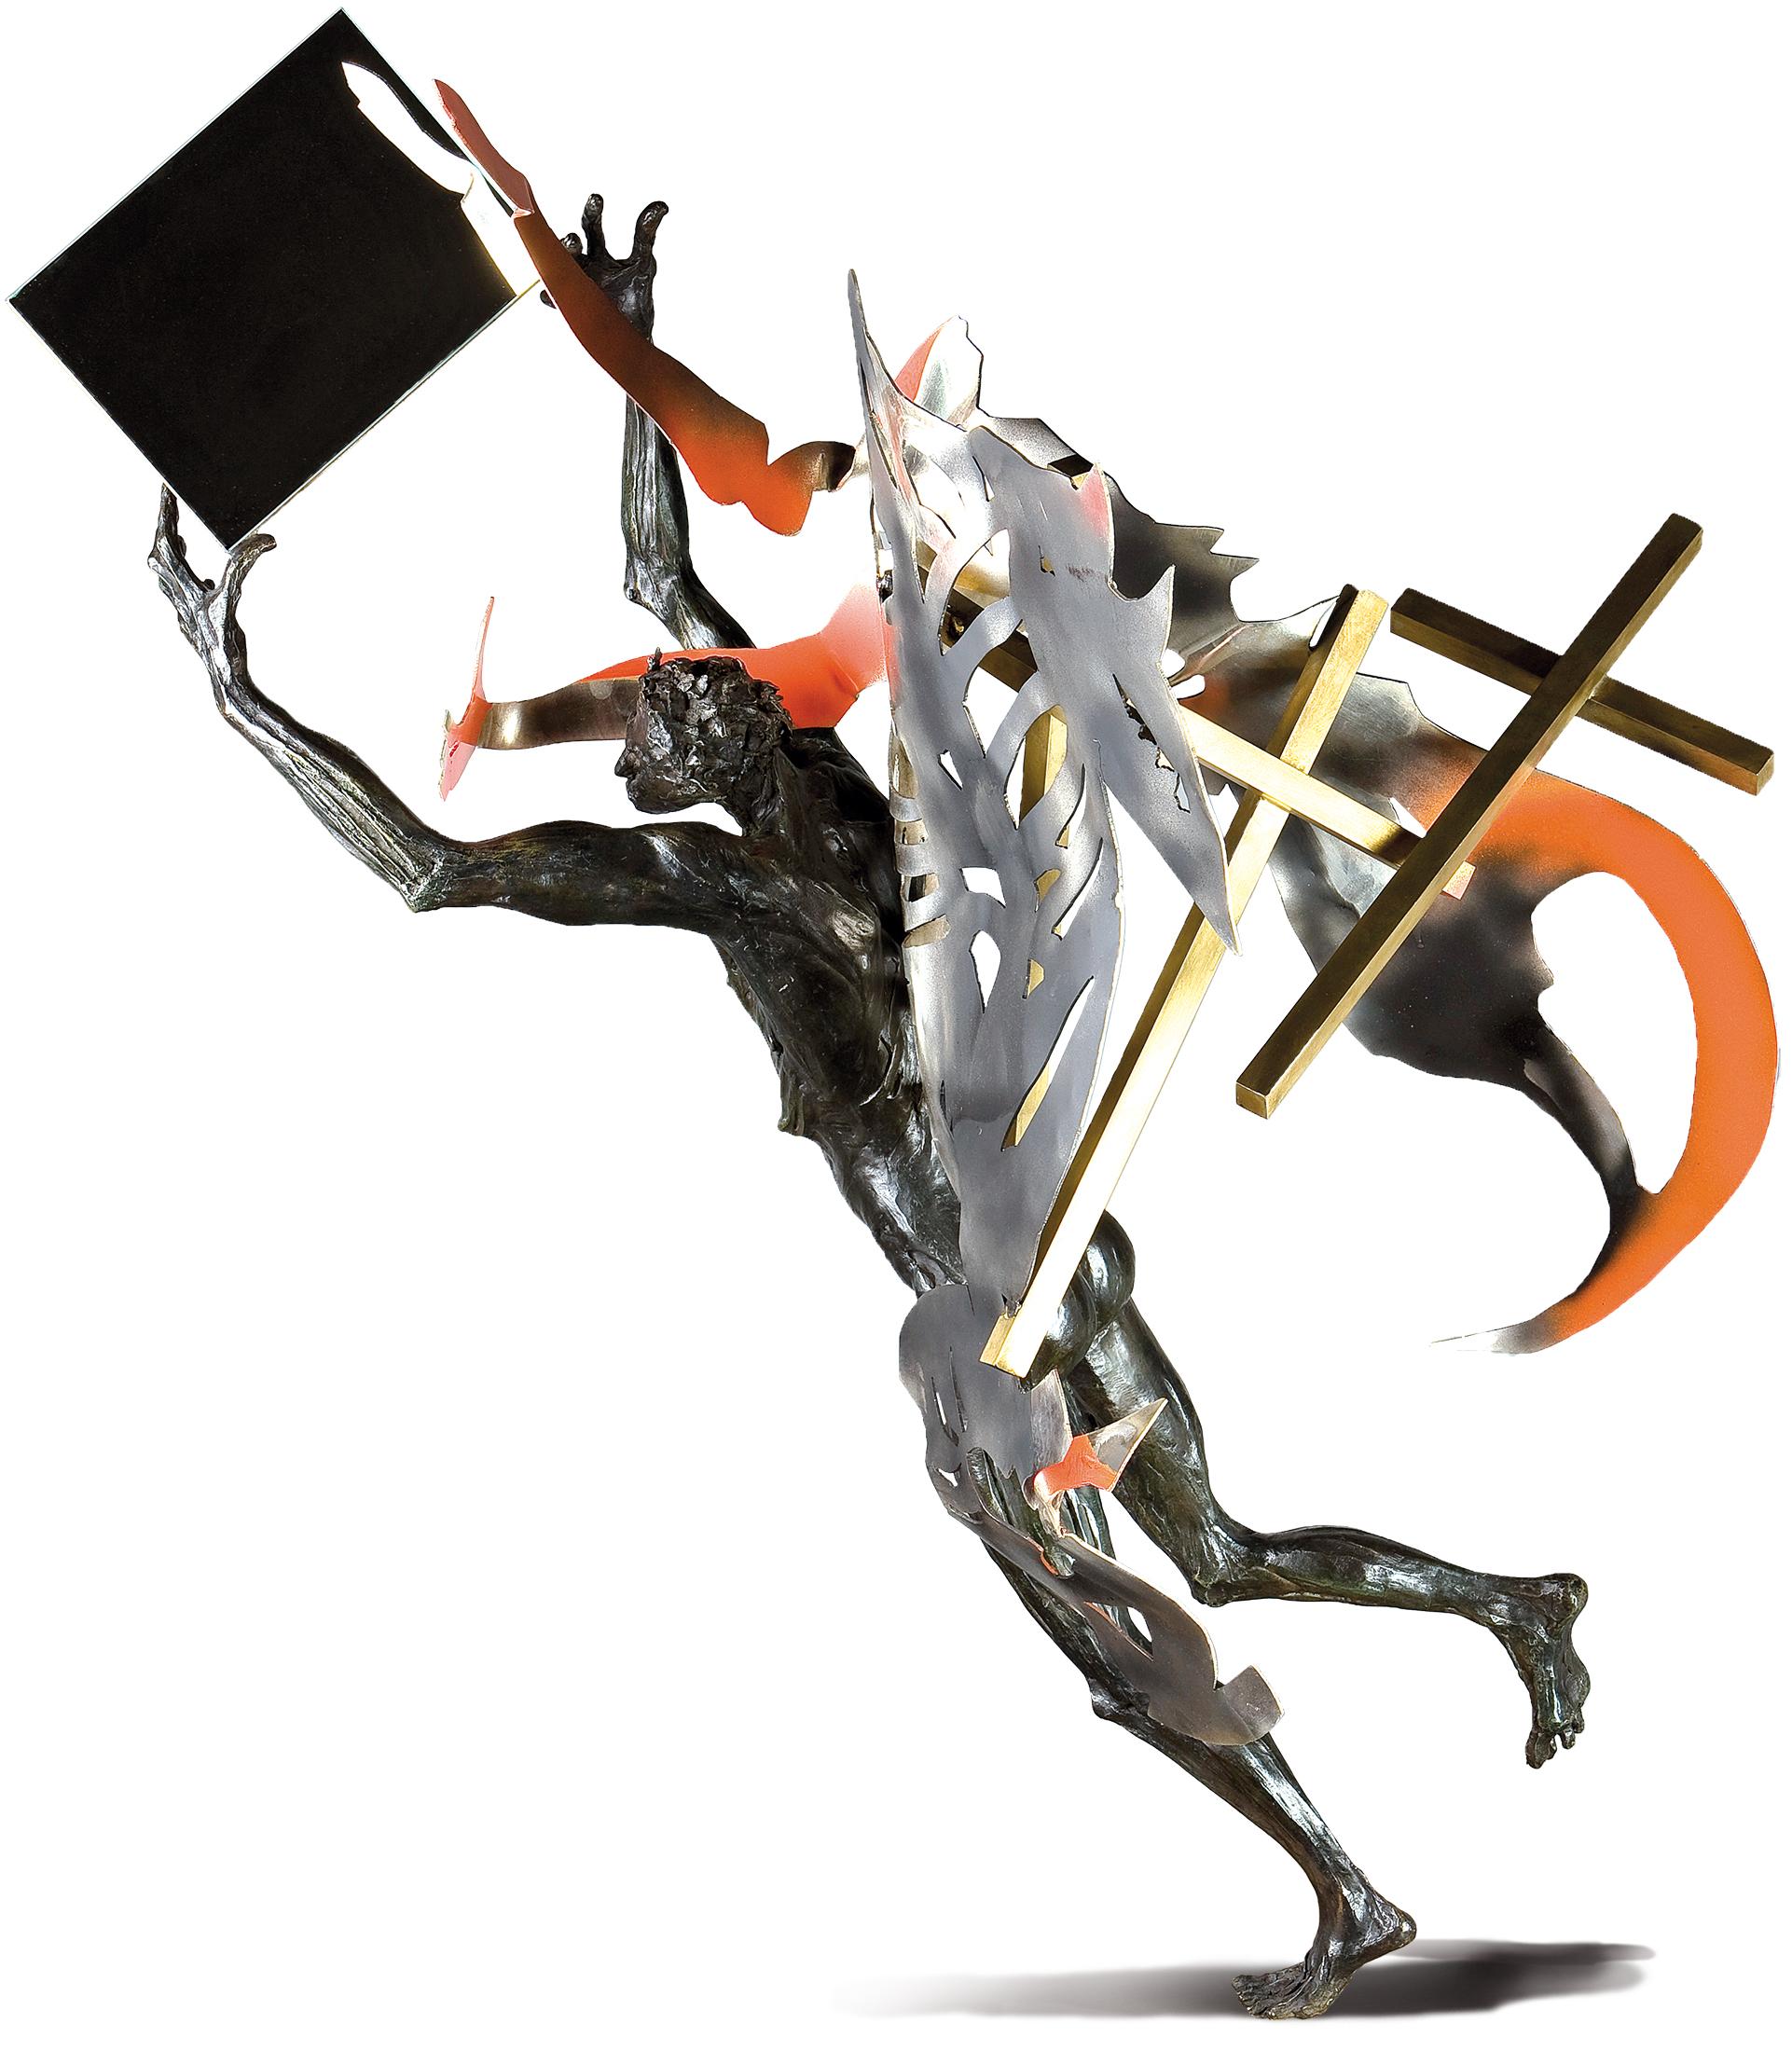 Oh mon beau miroir, tu es ma croix